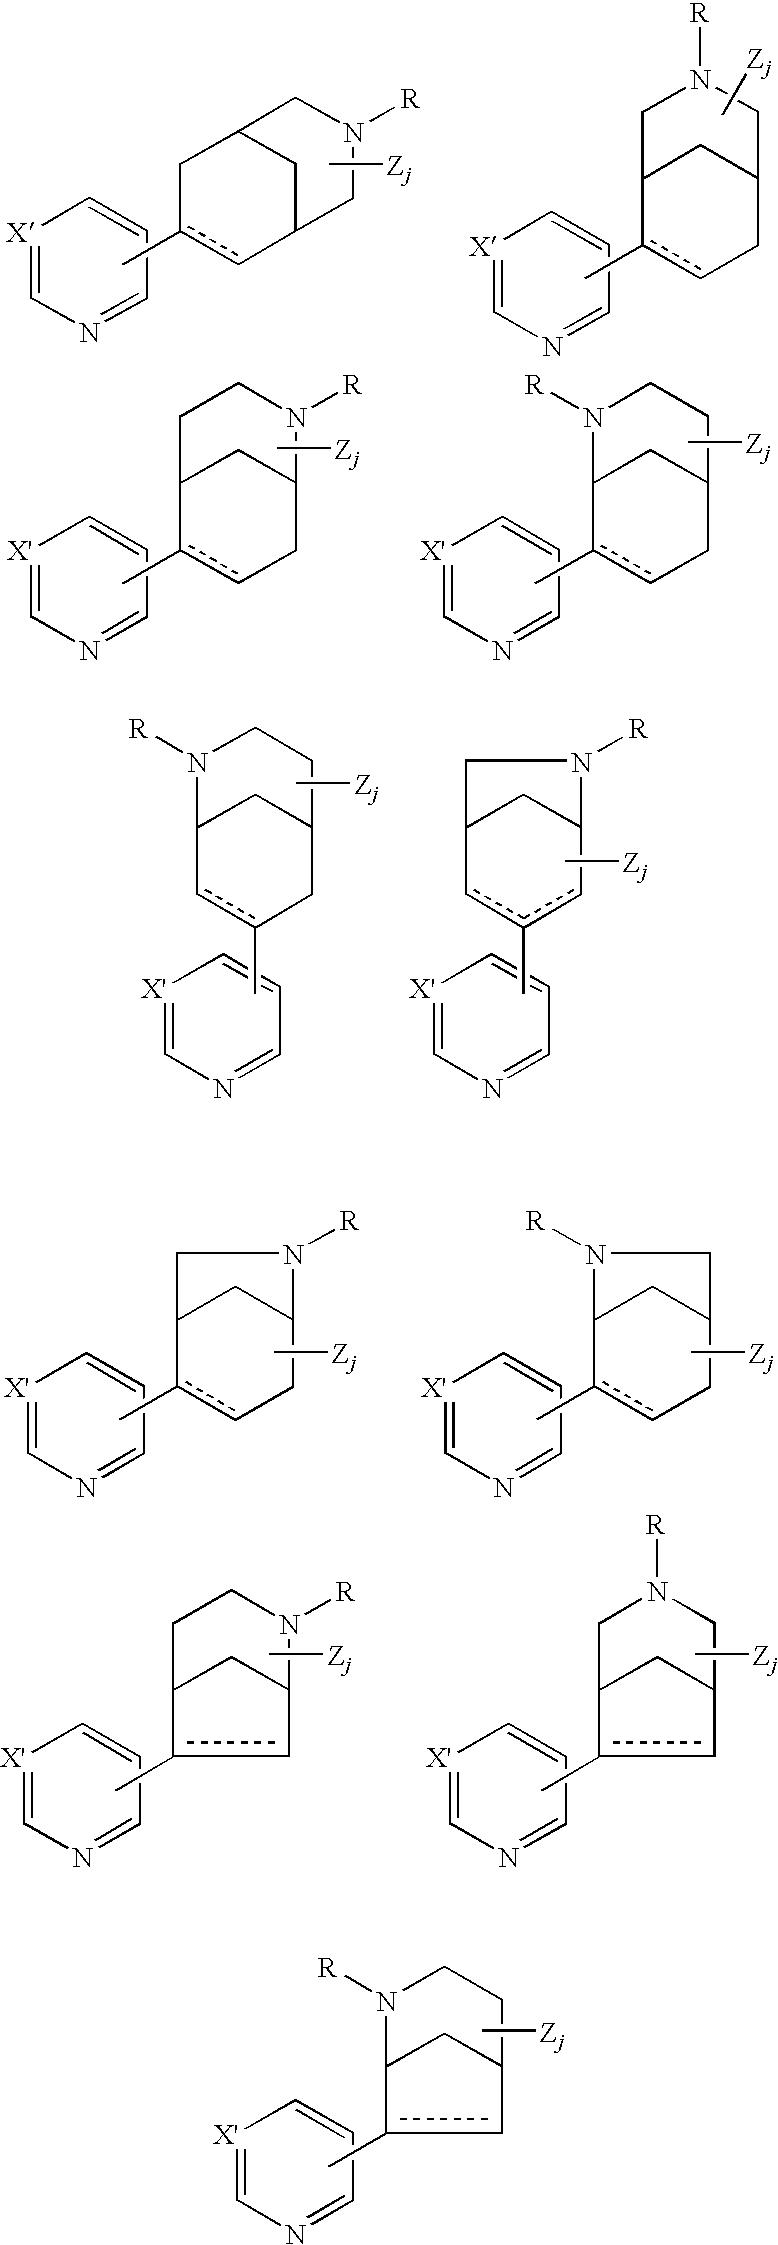 Figure US20100152228A1-20100617-C00004